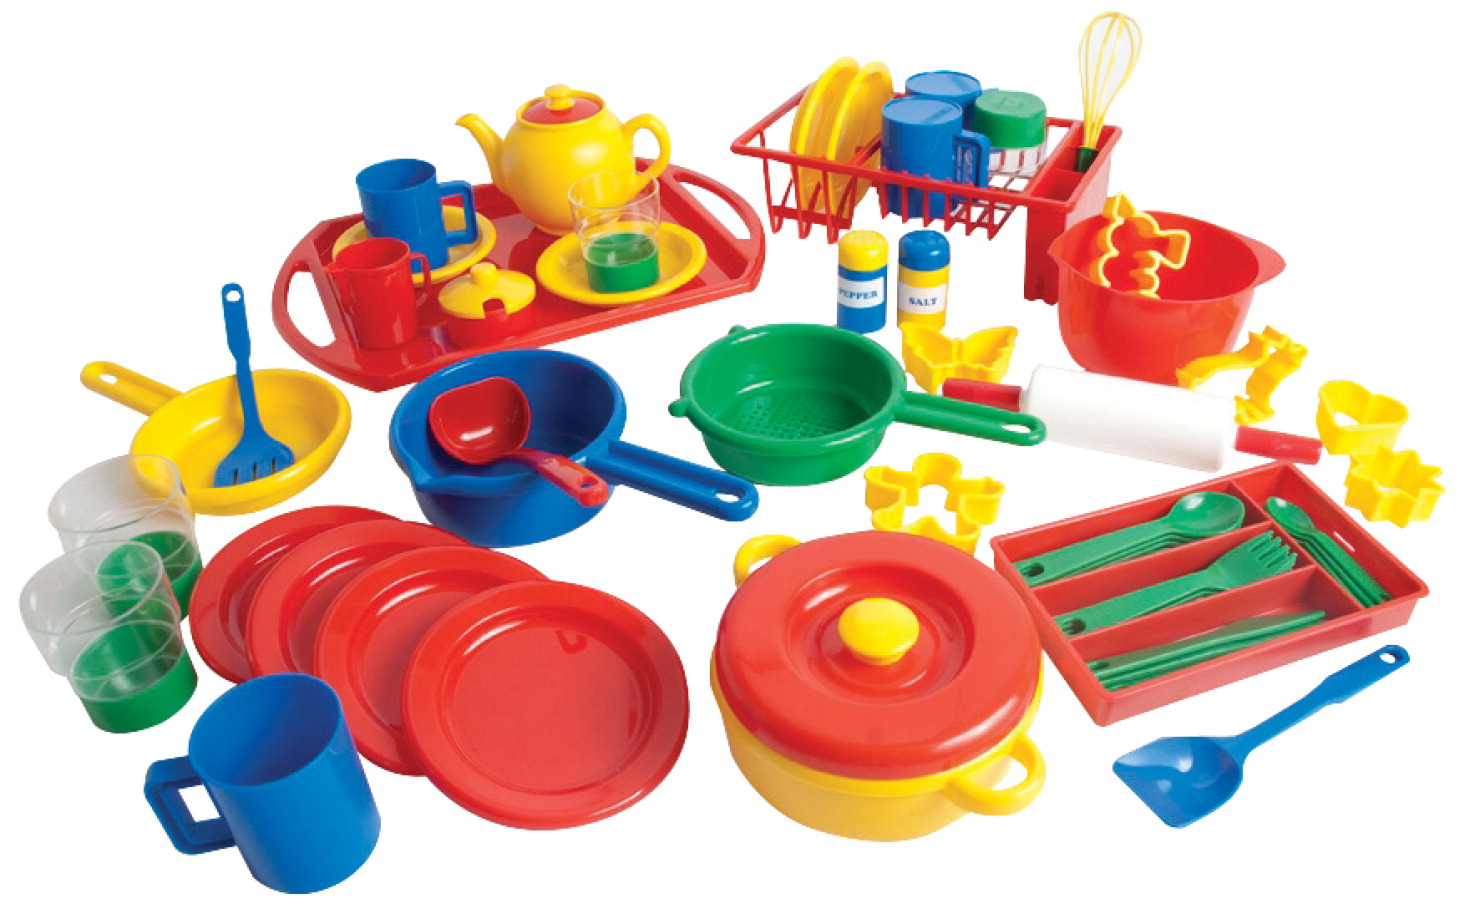 Toy Kitchen Accessories Set